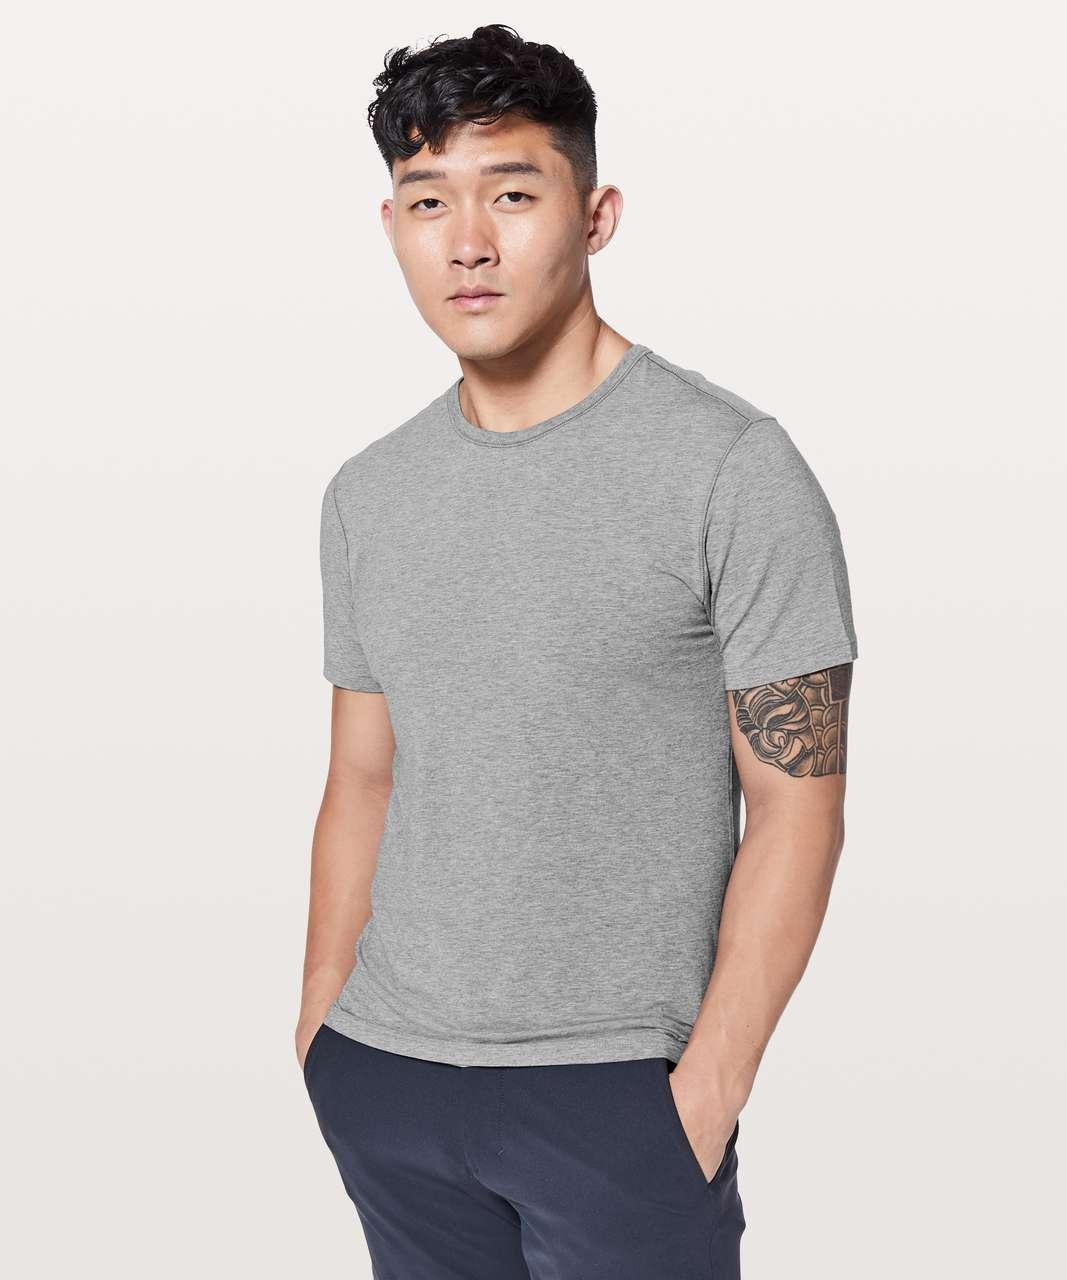 Lululemon 5 Year Basic Tee *Updated Fit - Heathered Core Medium Grey